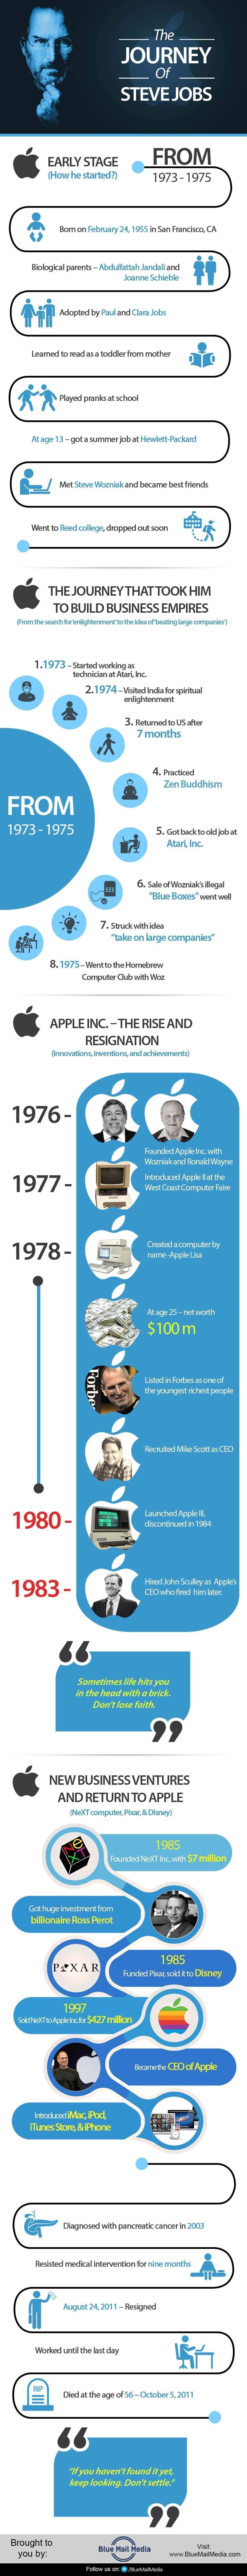 Steve Jobs's Journey #infographic